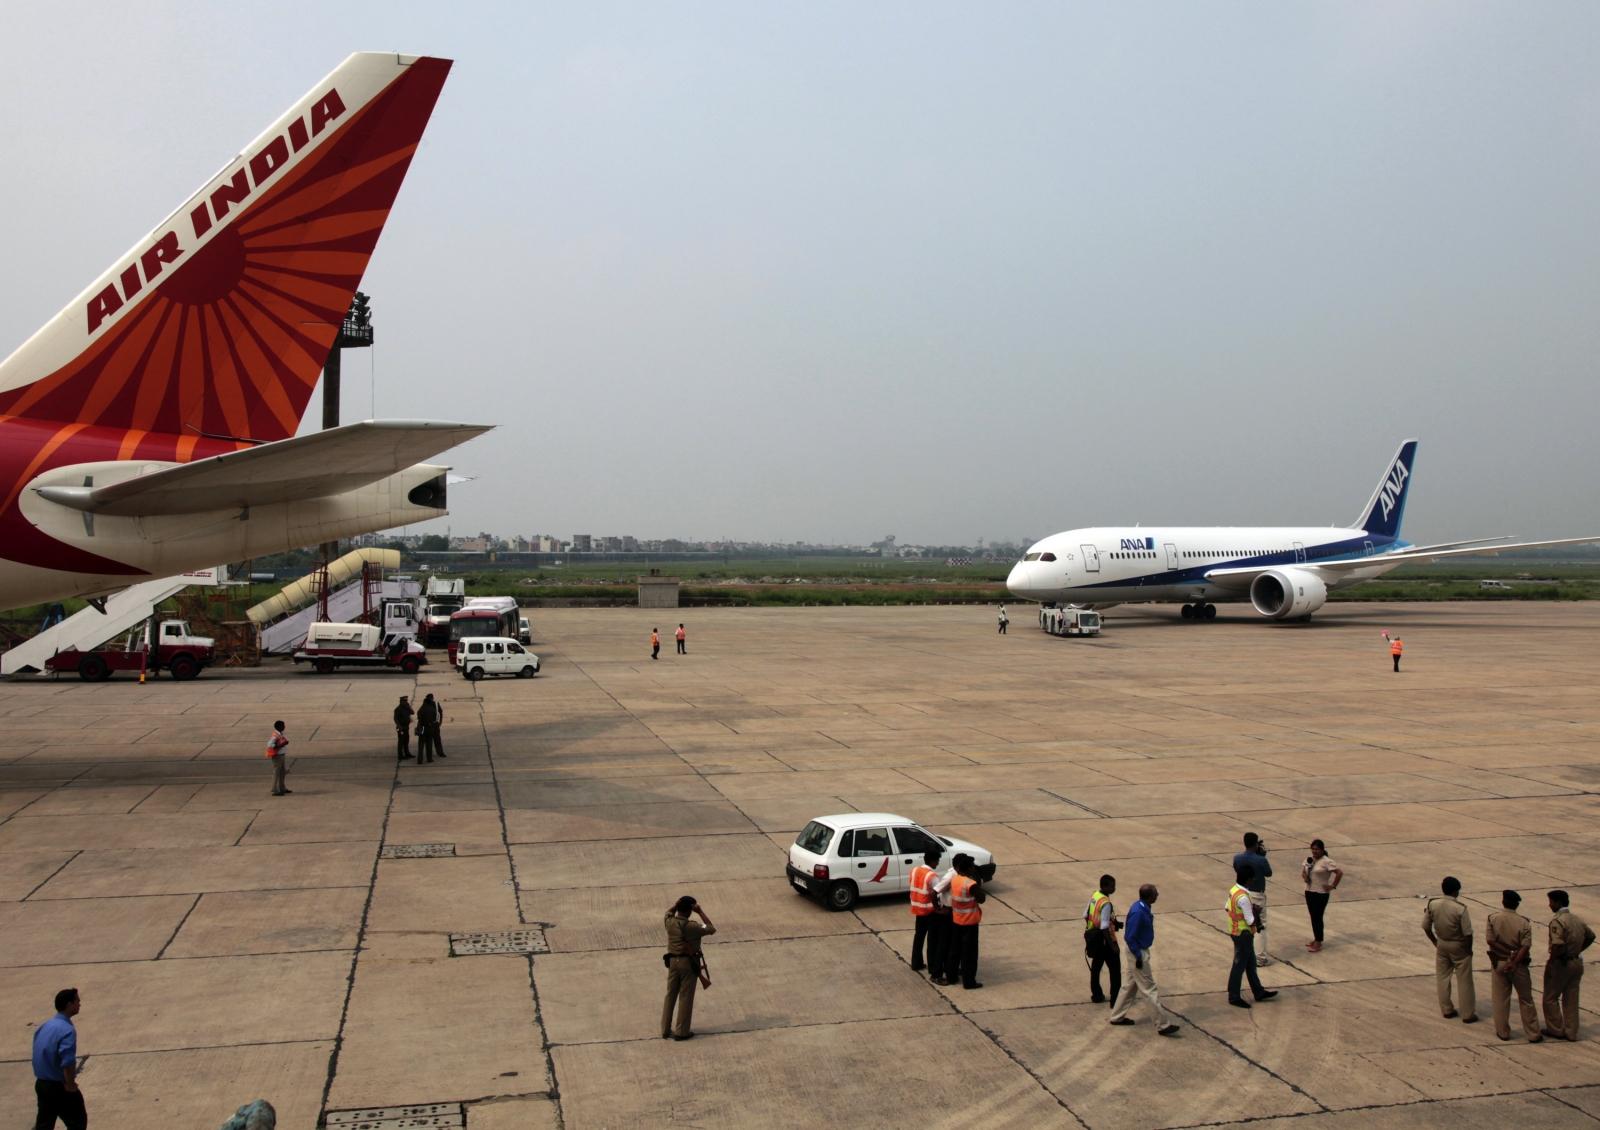 Indira Gandhi International Airport India